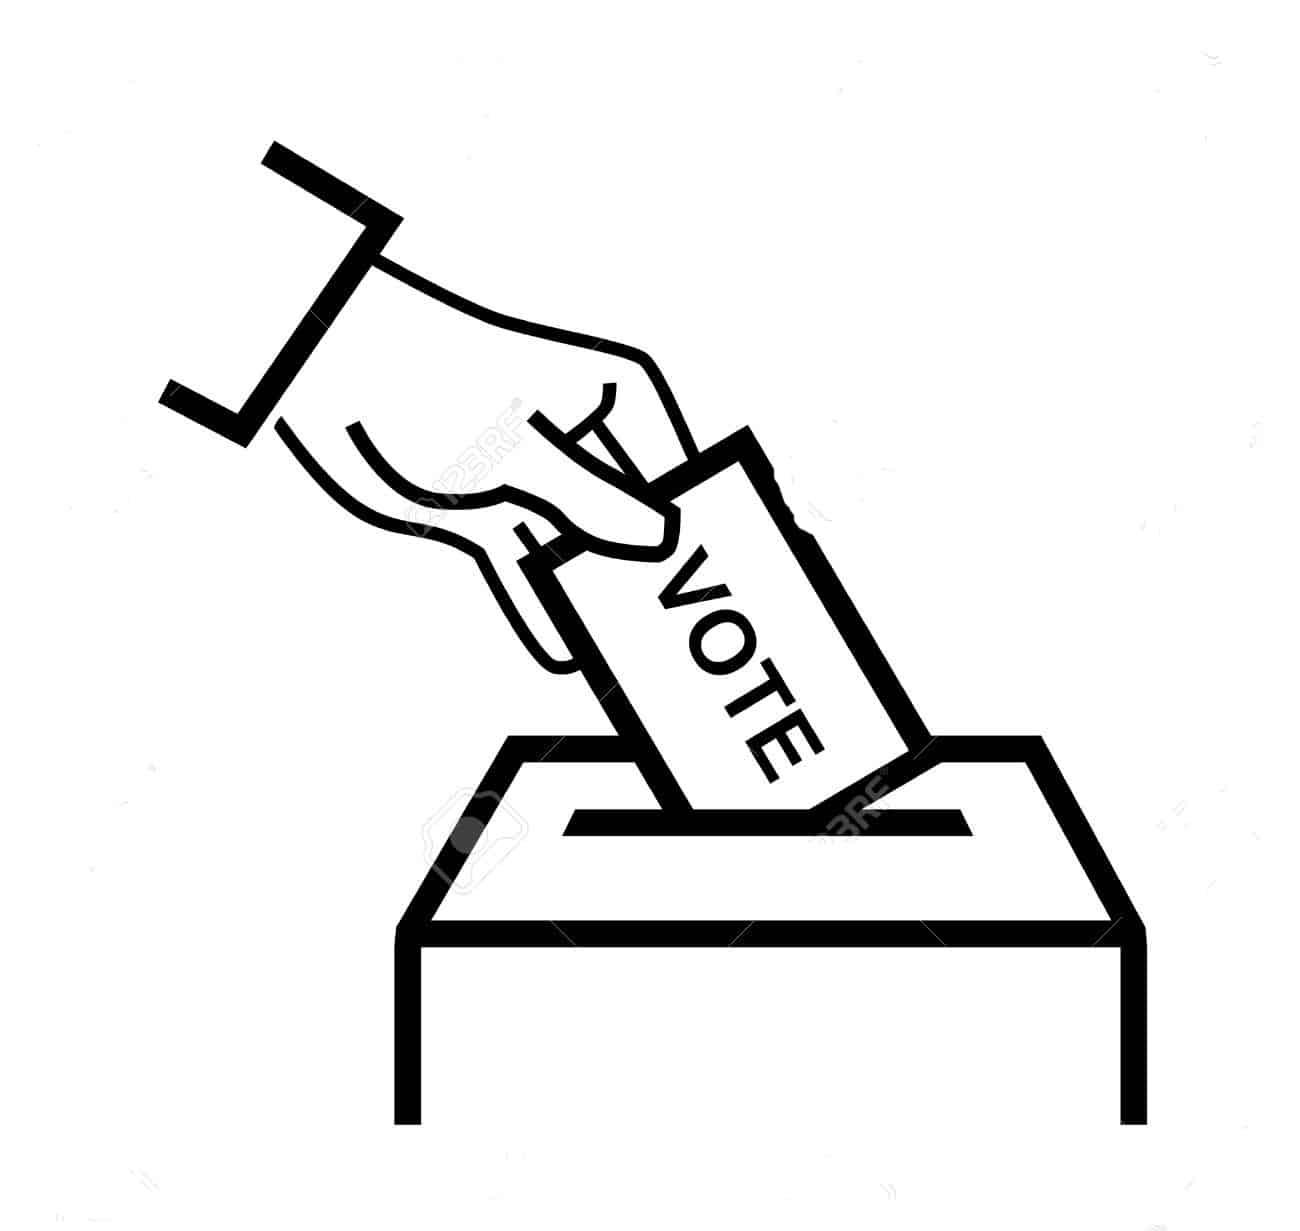 29539715-vecteur-main-noire-de-mettre-un-bulletin-de-vote-sur-fond-blanc-Banque-d'images